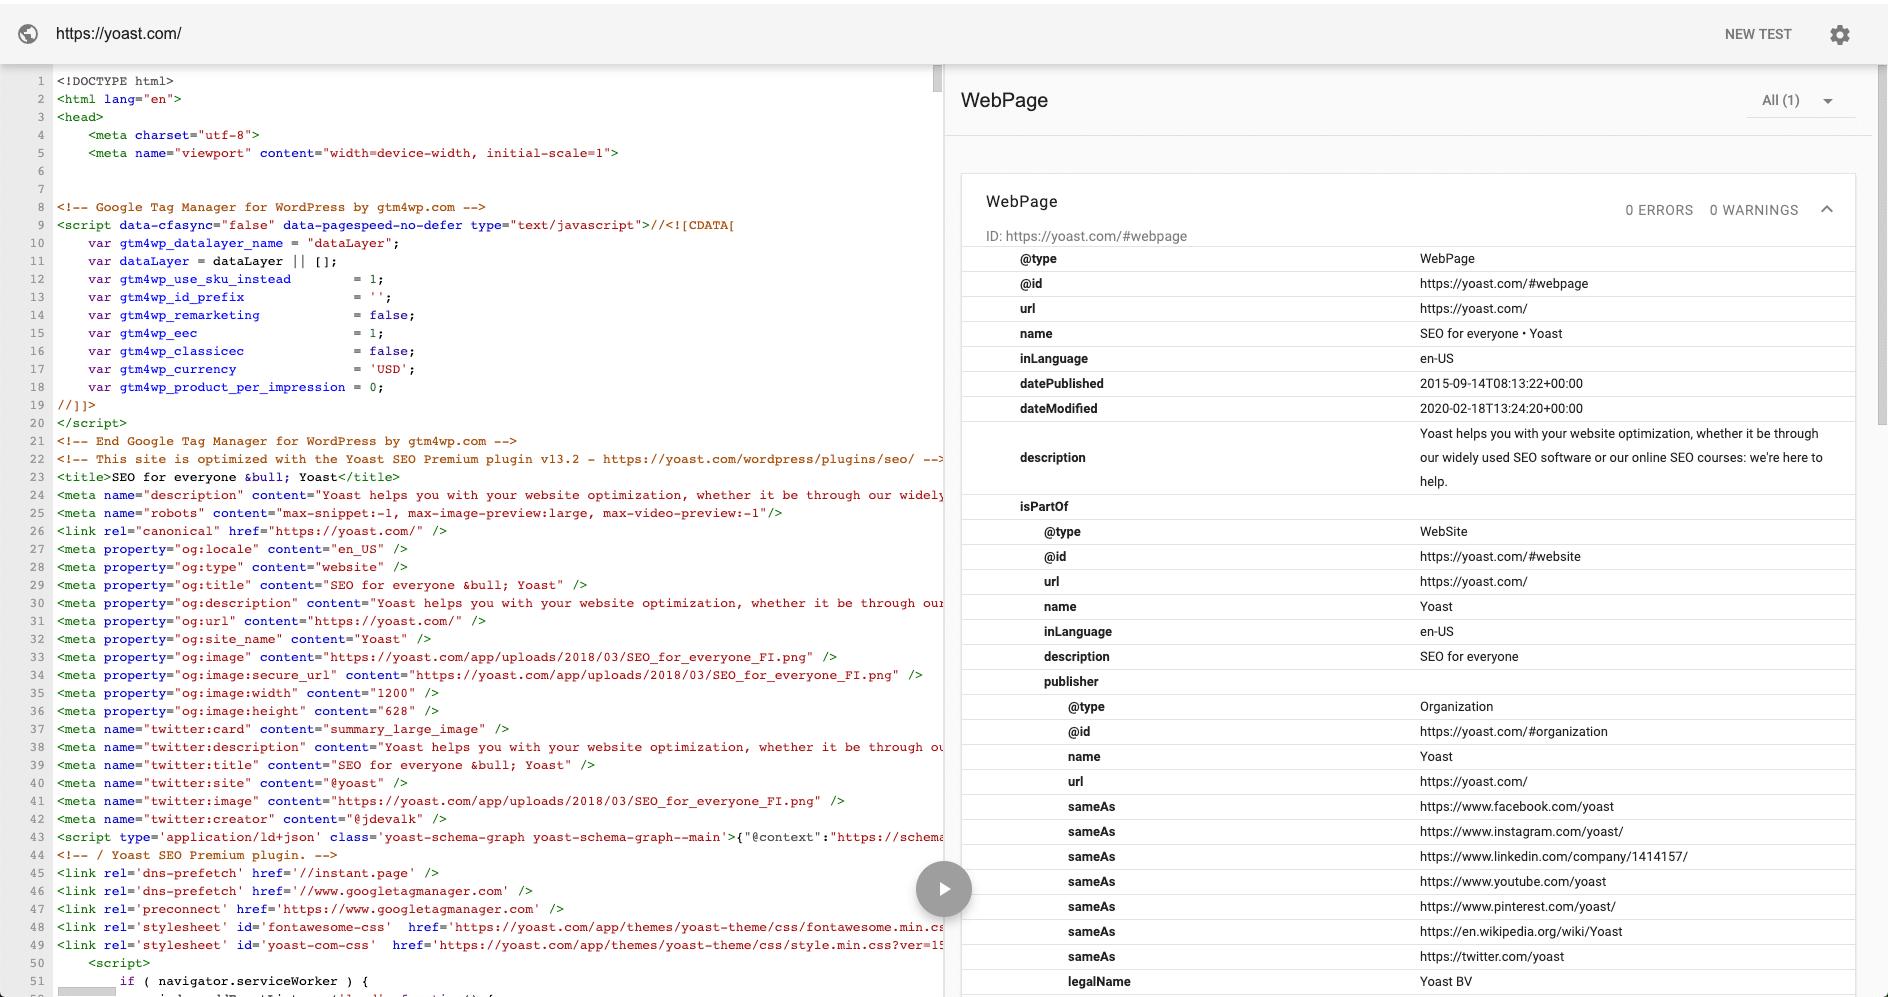 Test dei dati strutturati di Yoast